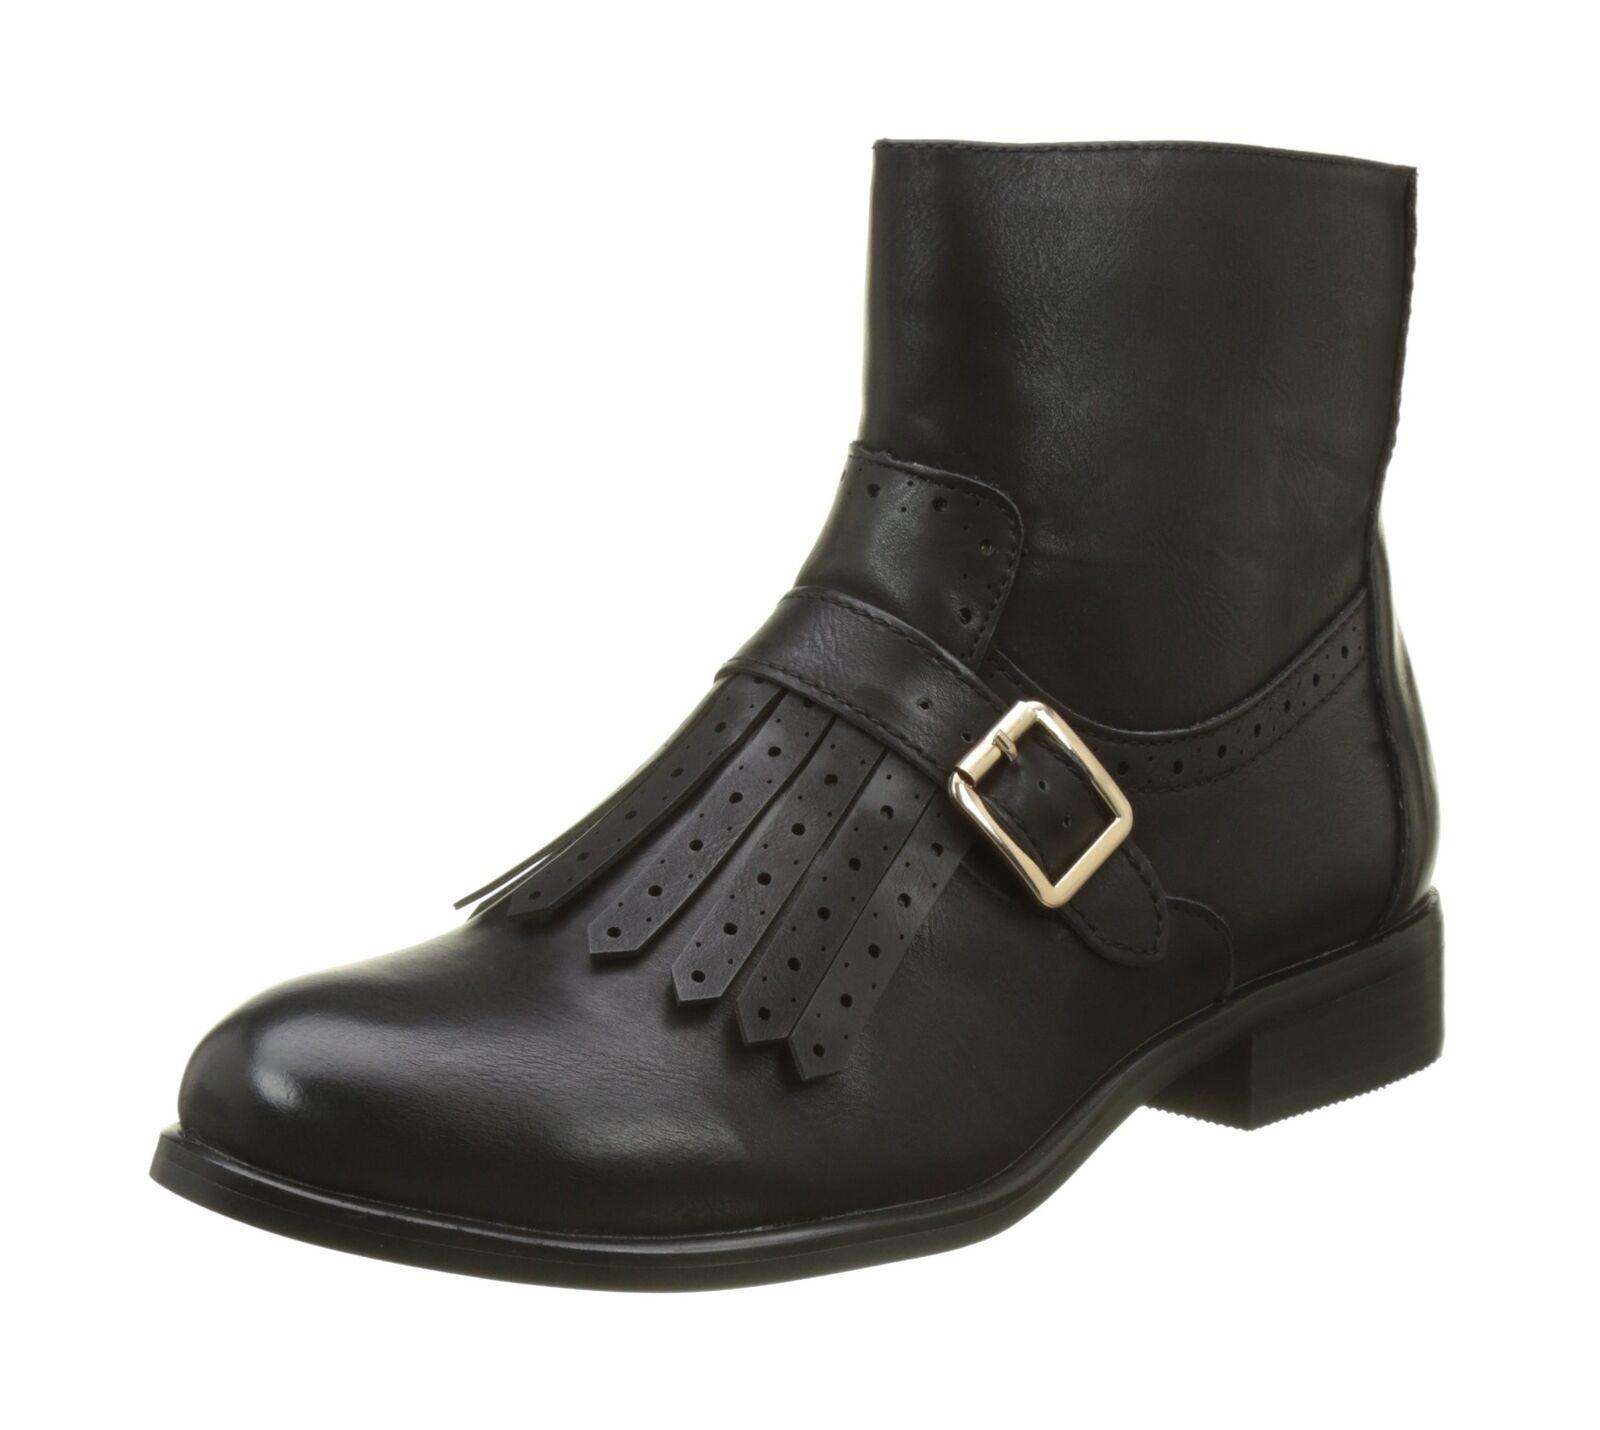 seleziona tra le nuove marche come Buffalo Da Da Da Donna B195a-67 P2173a in pelle PU Stivali Nero (Nero 01) 6 UK  prodotti creativi